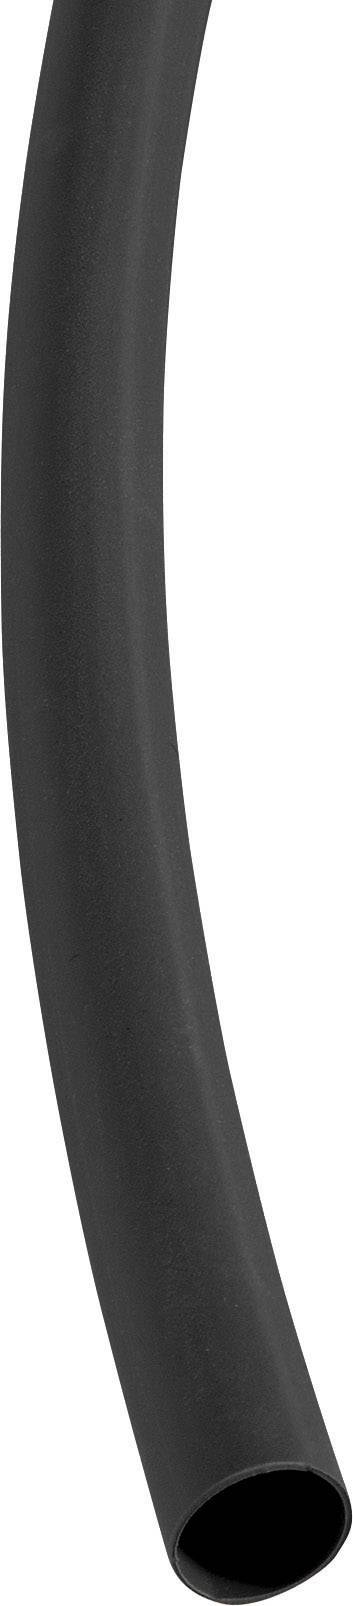 Zmršťovacie bužírky nelepiace DSG Canusa 3210030953, 3:1, 3.20 mm, čierna, metrový tovar